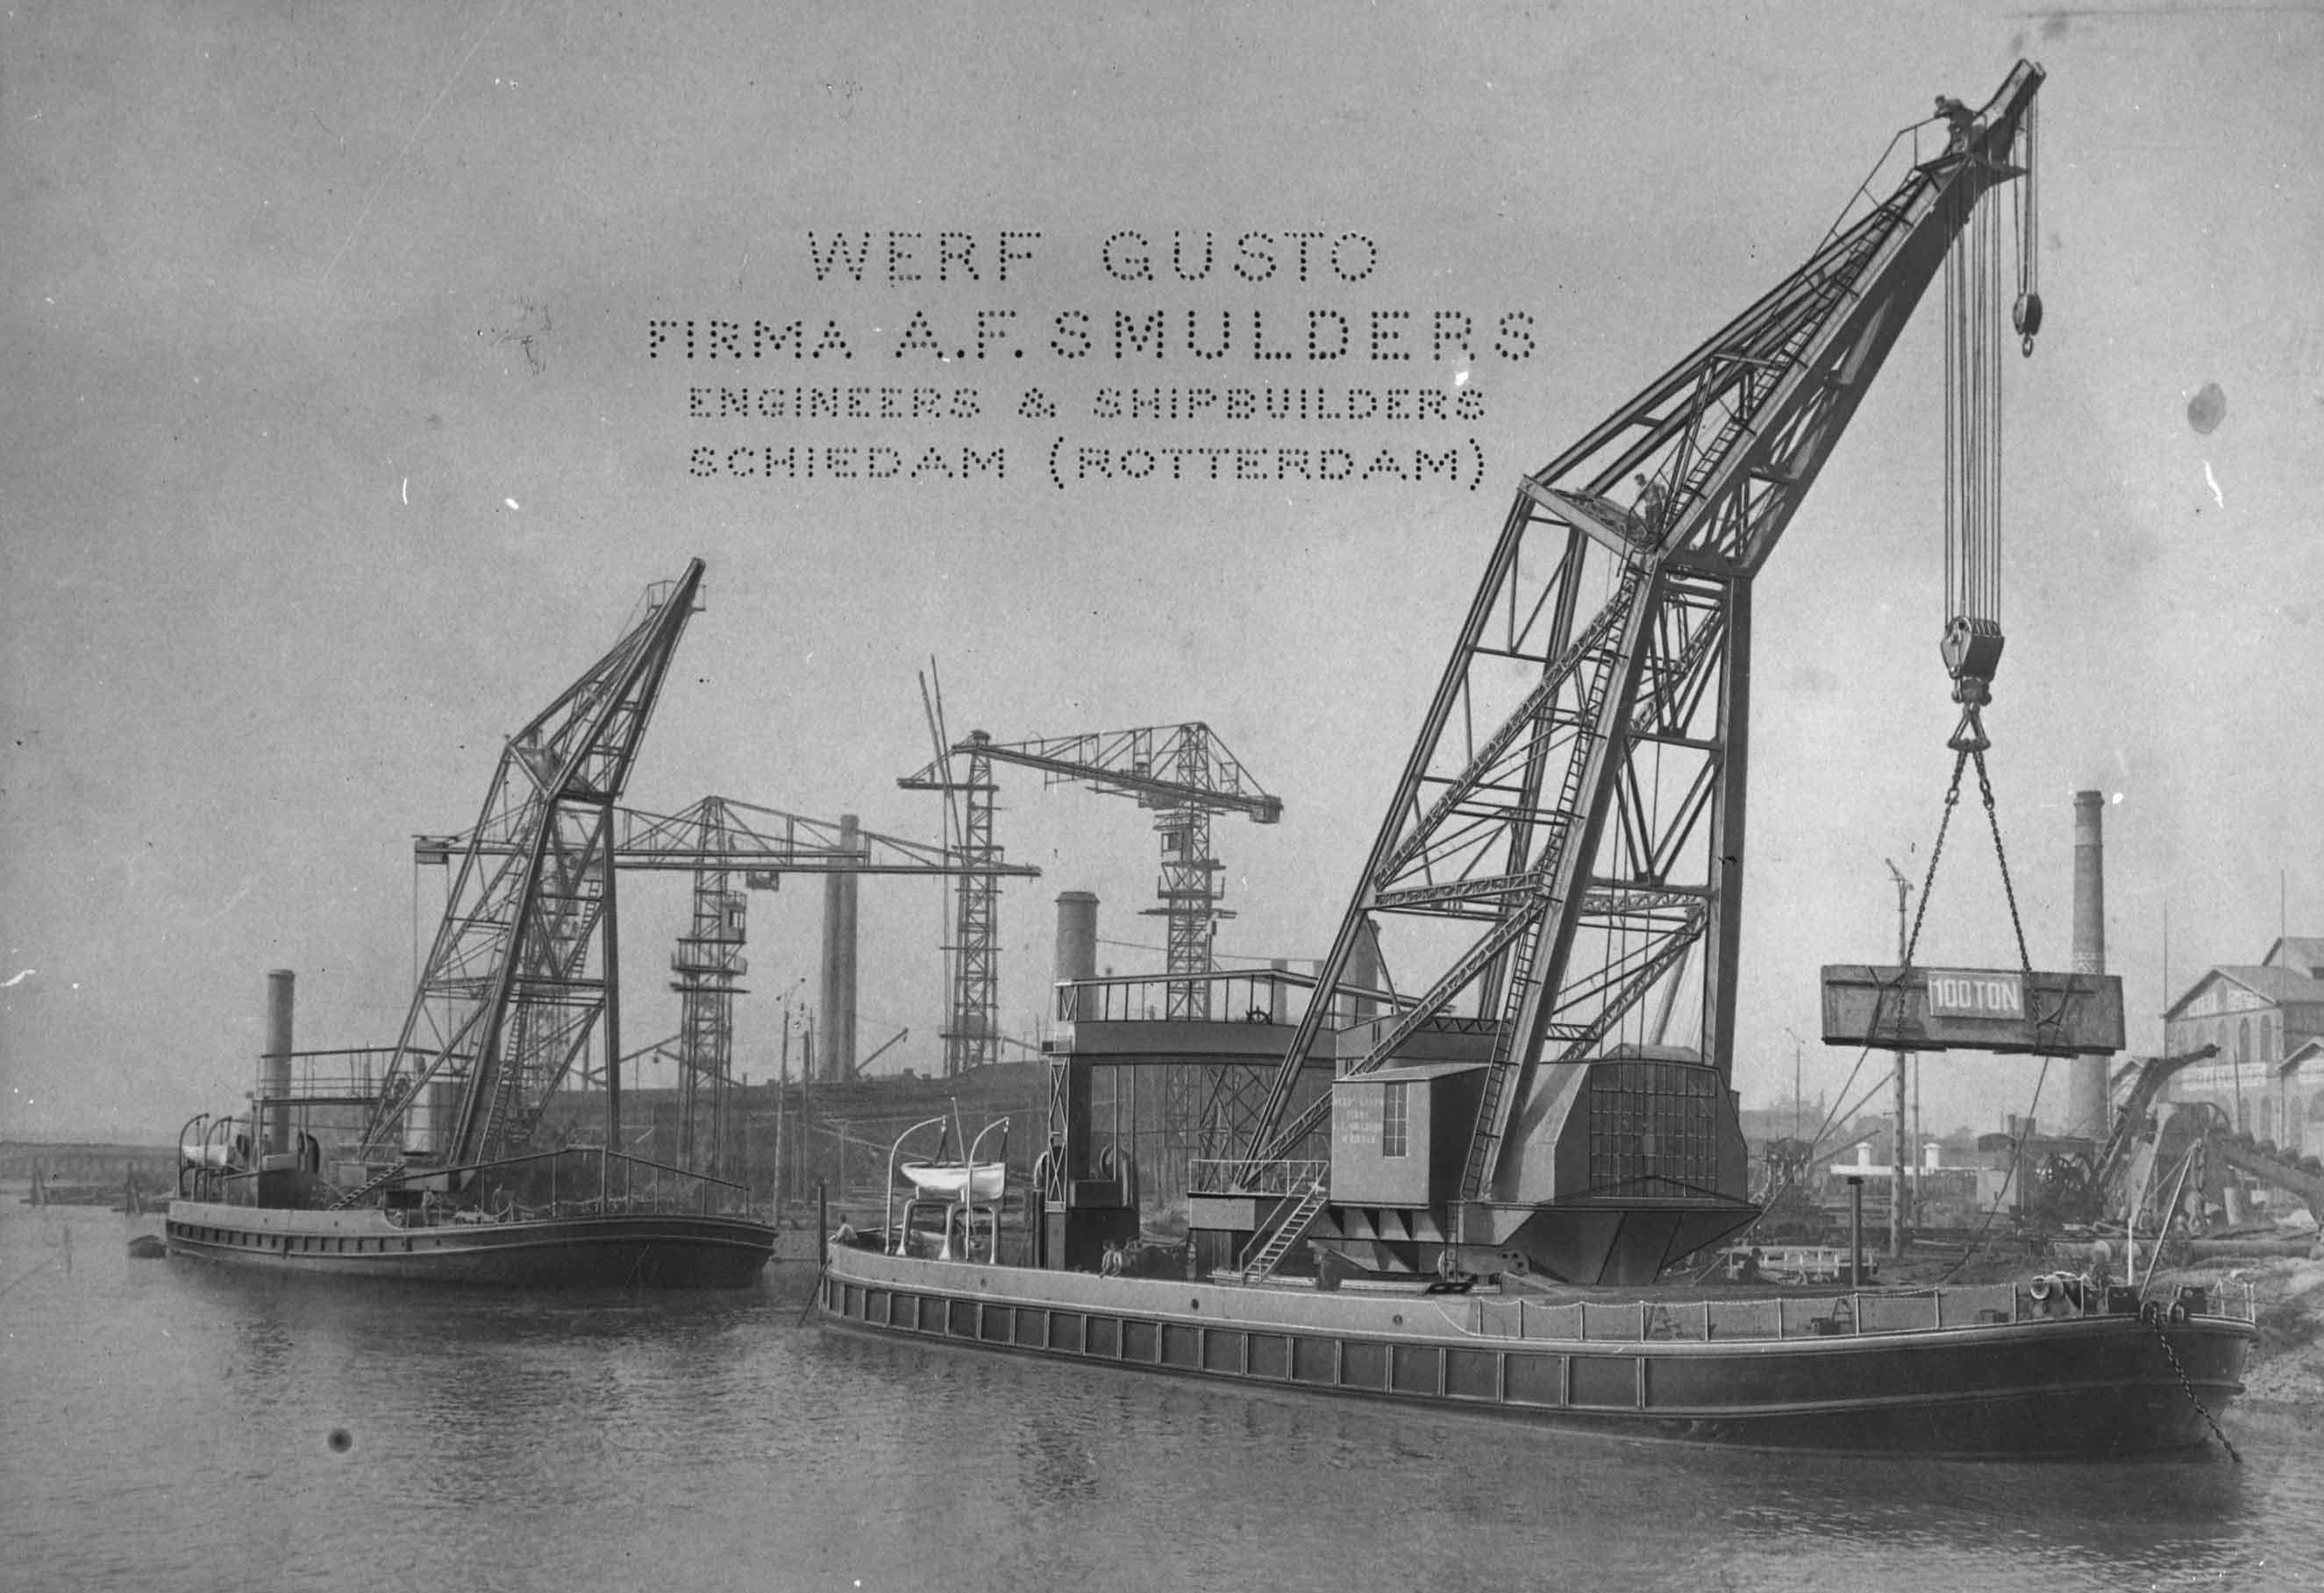 Bnr. 339-340: Puerto de la Captial I-II (1908)